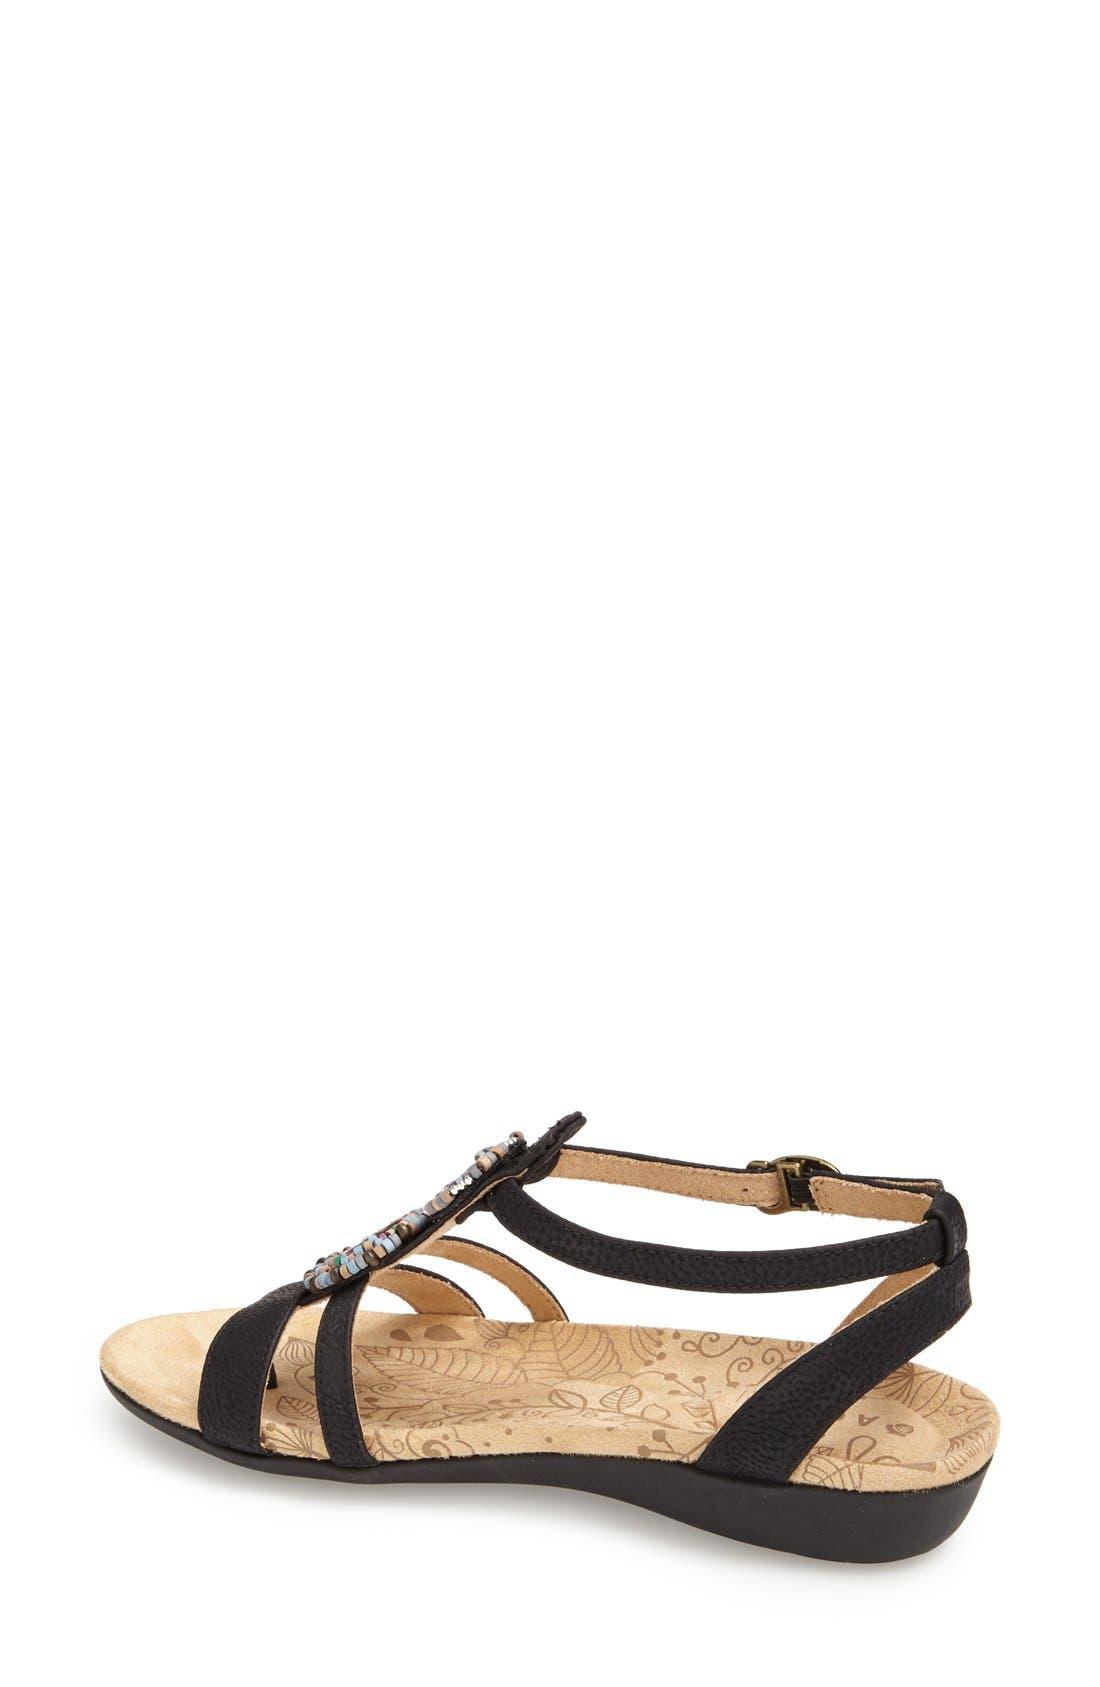 Alternate Image 4  - Acorn Ankle Strap Sandal (Women)